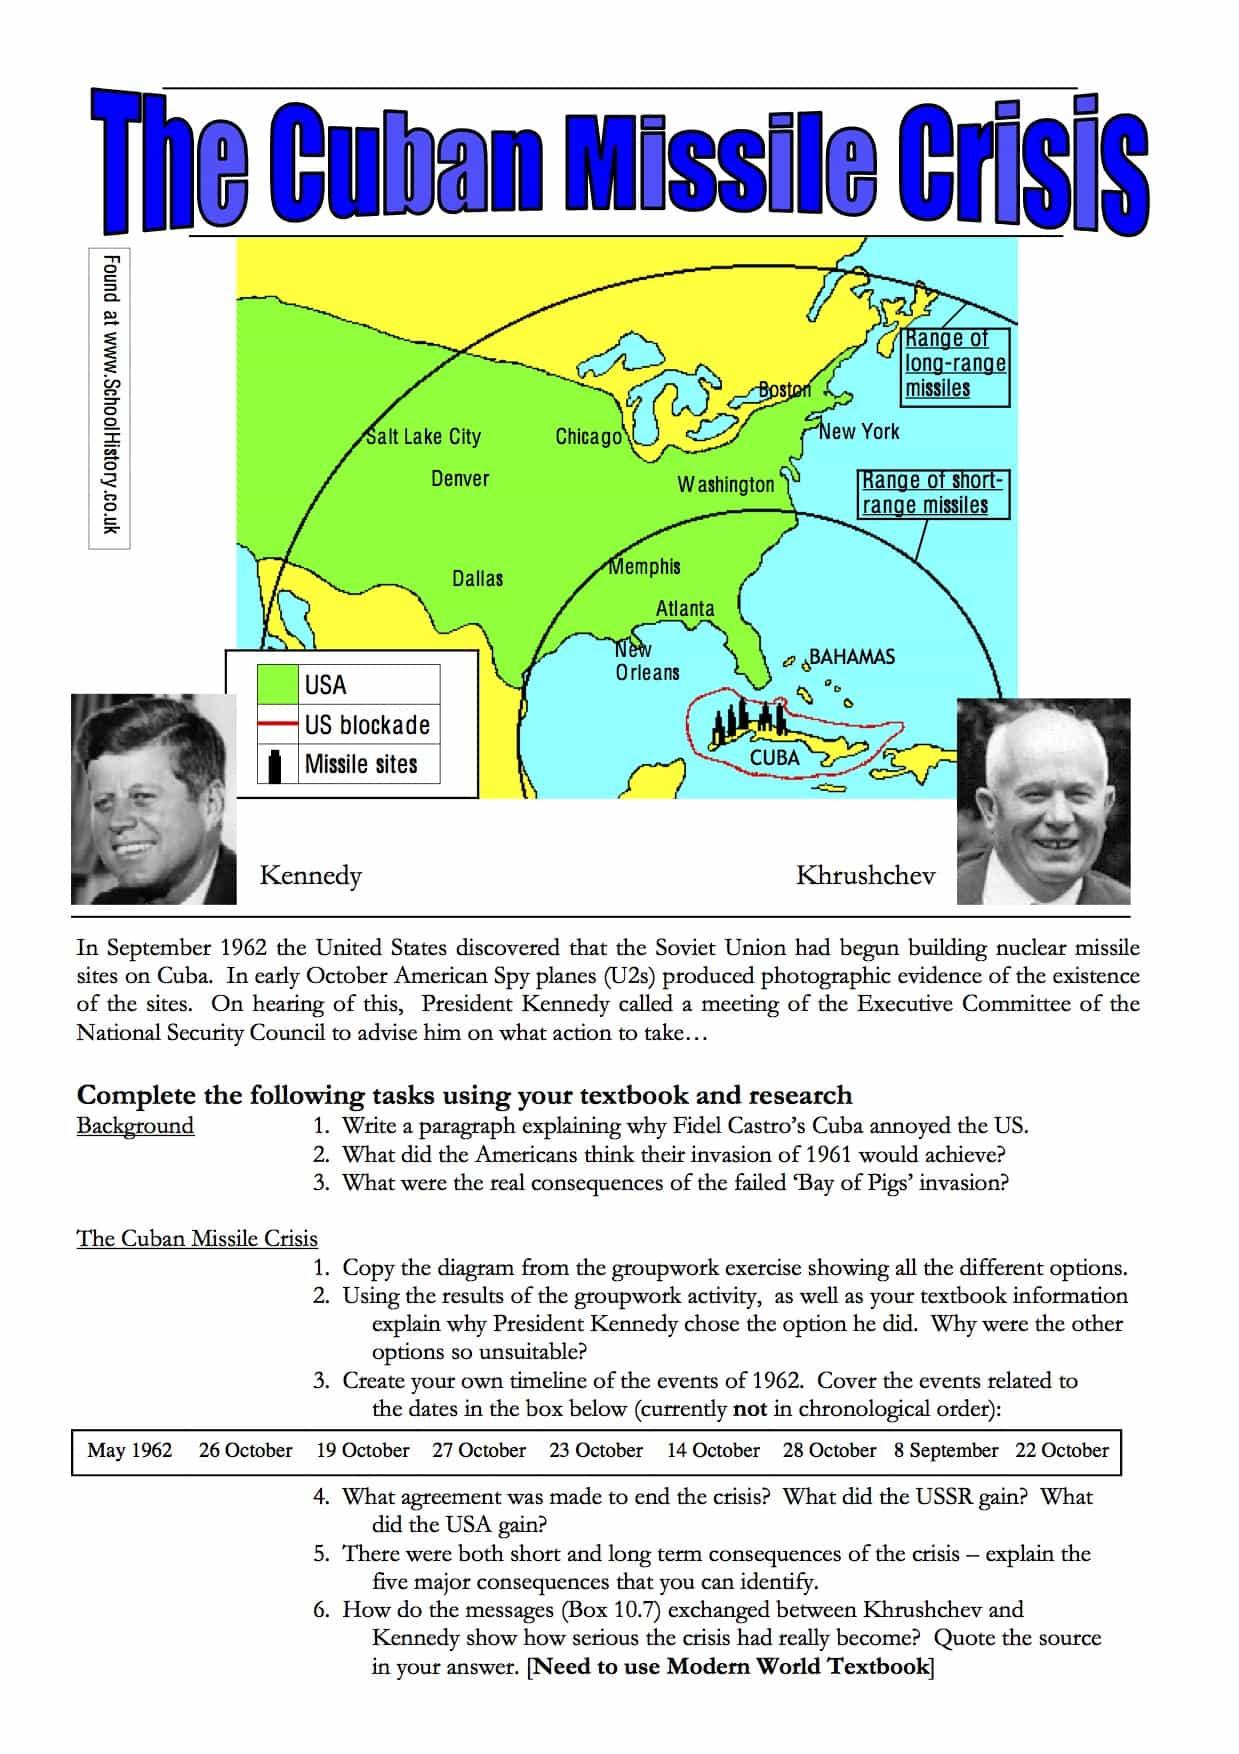 Cuban Missile Crisis Handout